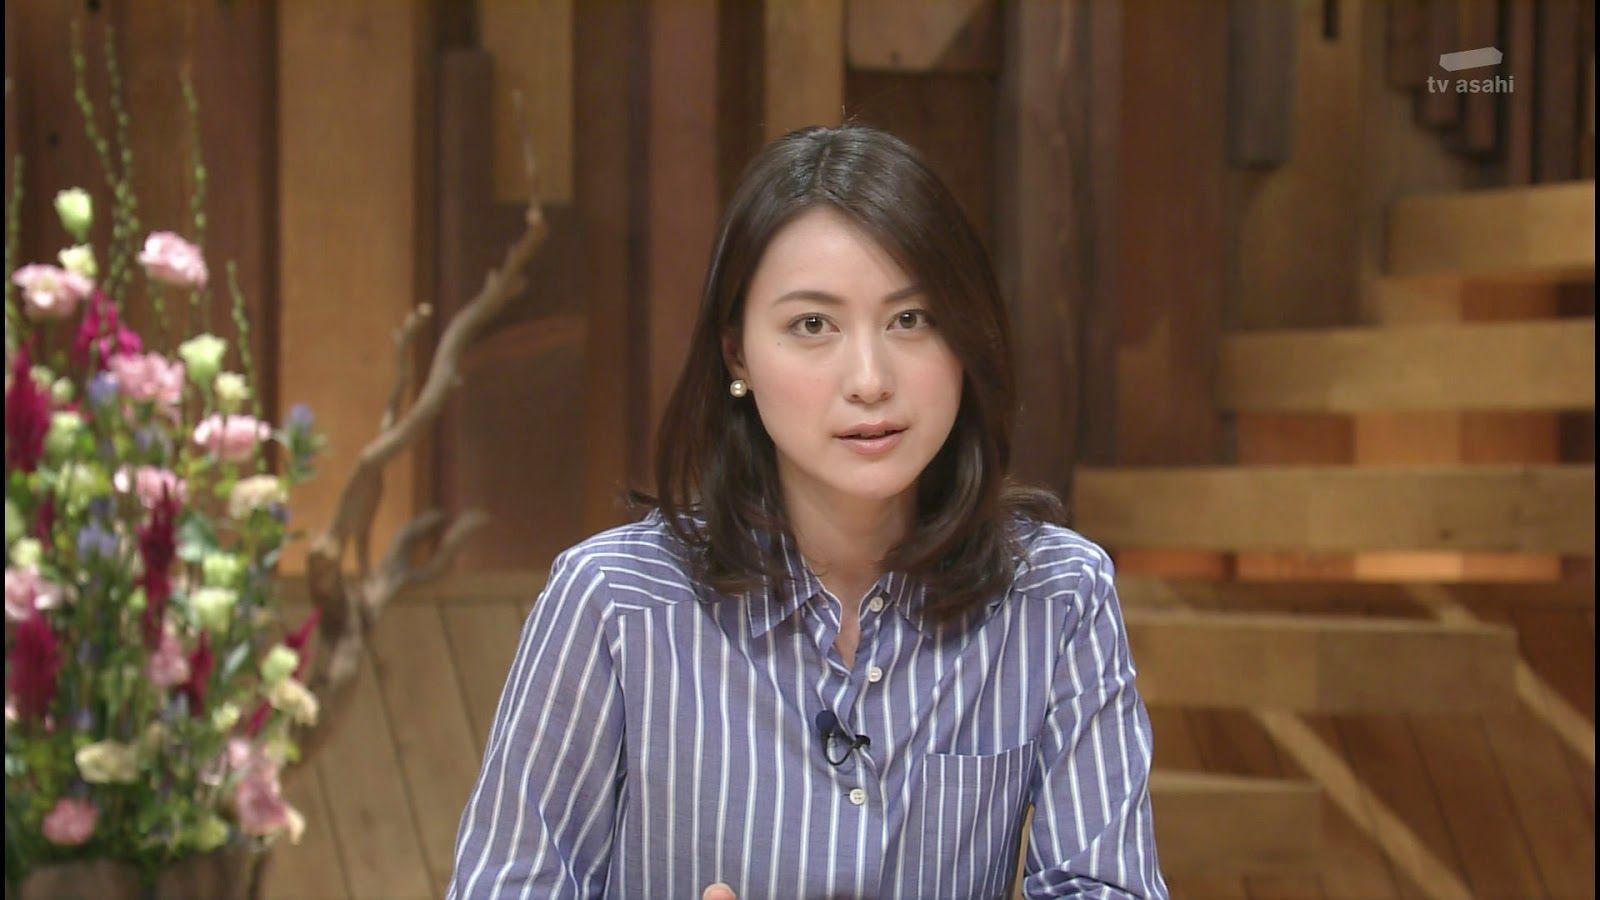 ストライプシャツの小川彩佳